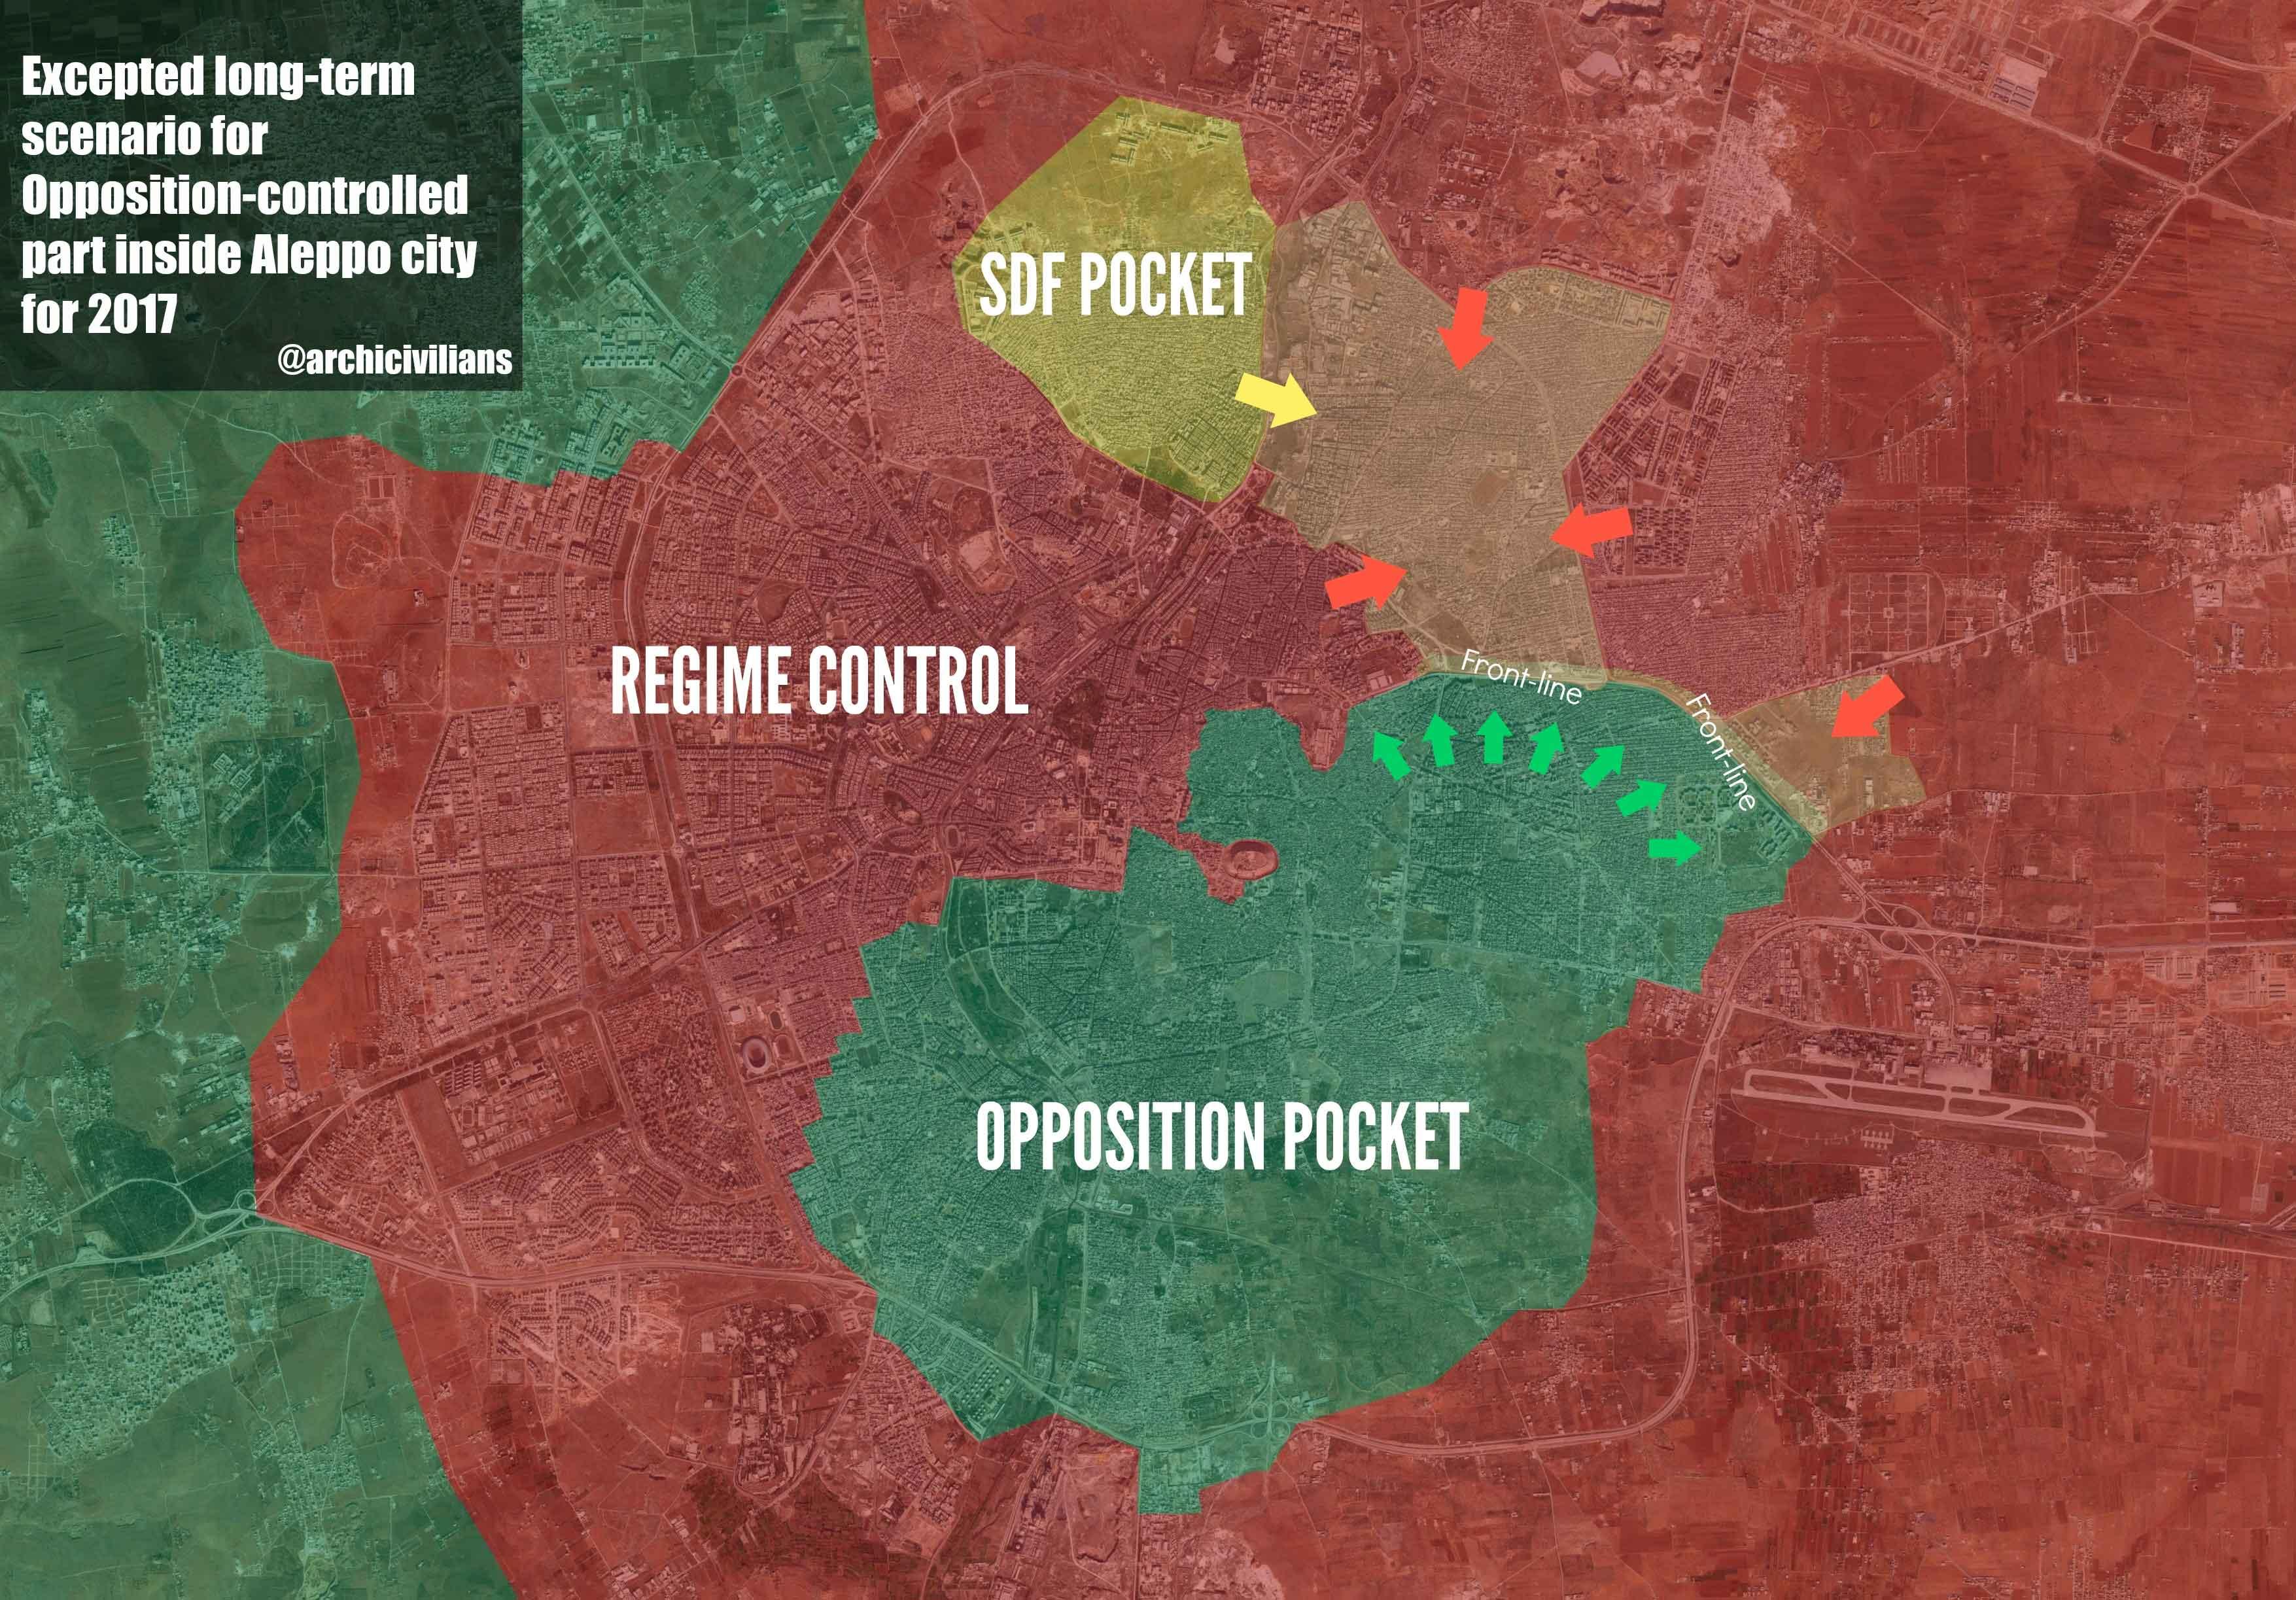 Карта Алеппо 19.11.2016 с положением сил: SDF (курды), силы Асада (иракские, палестинские и ливанские боевики), сирийская оппозиция